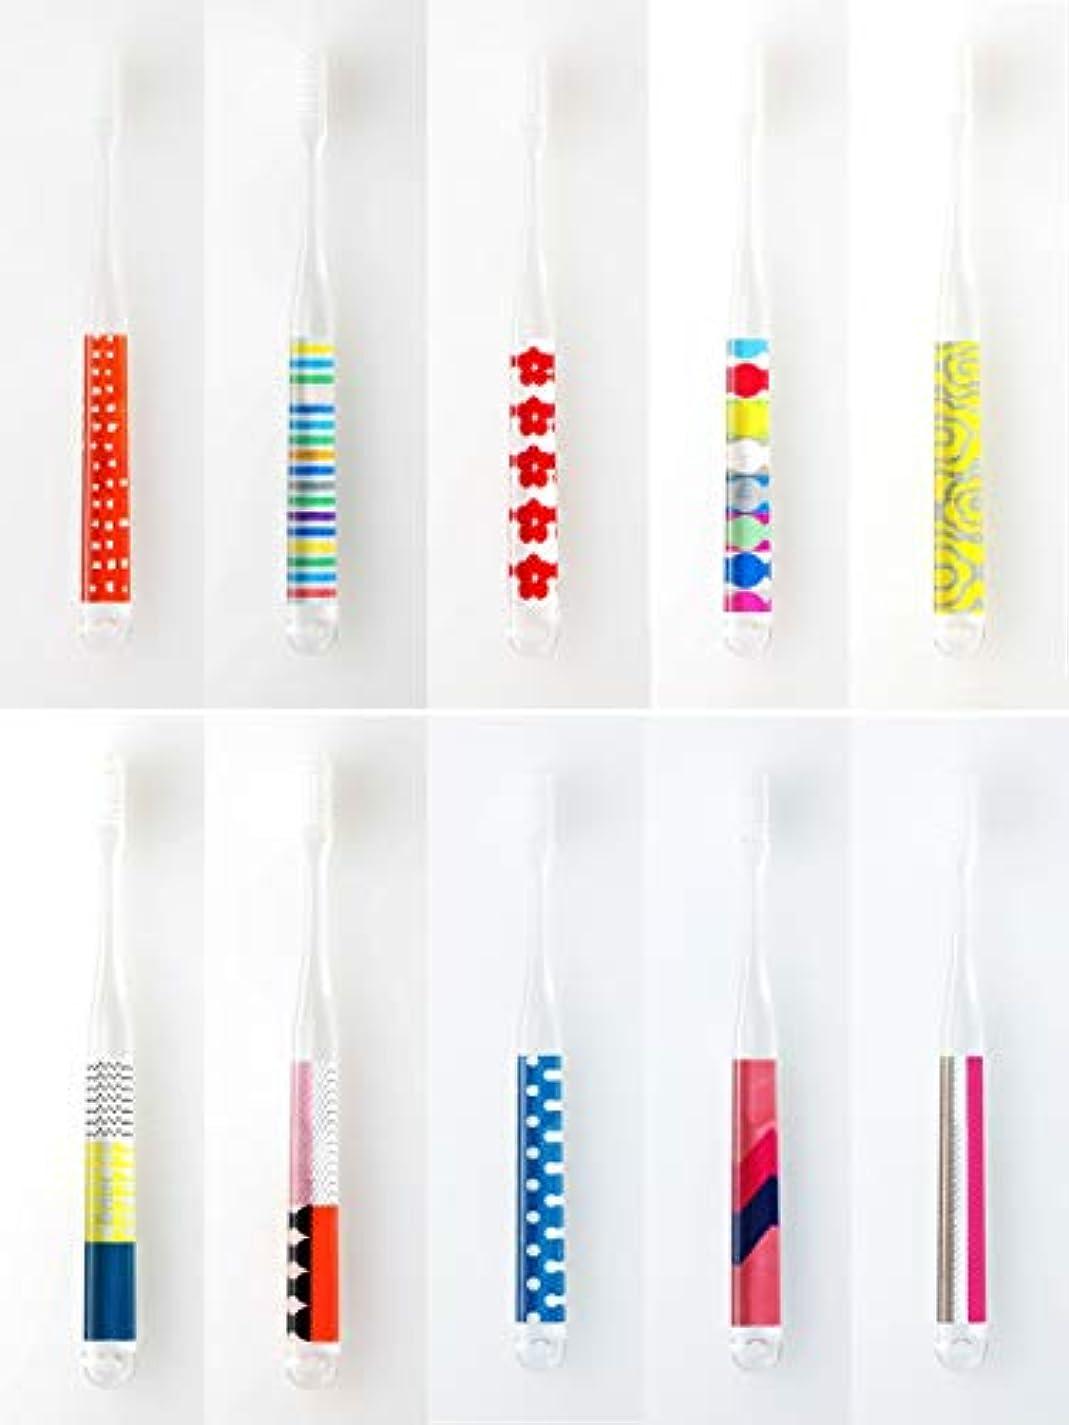 責め第散るMOYO モヨウ 歯ブラシ POP 10本セット_562302-pop3 【F】,POP10本セット ハブラシ